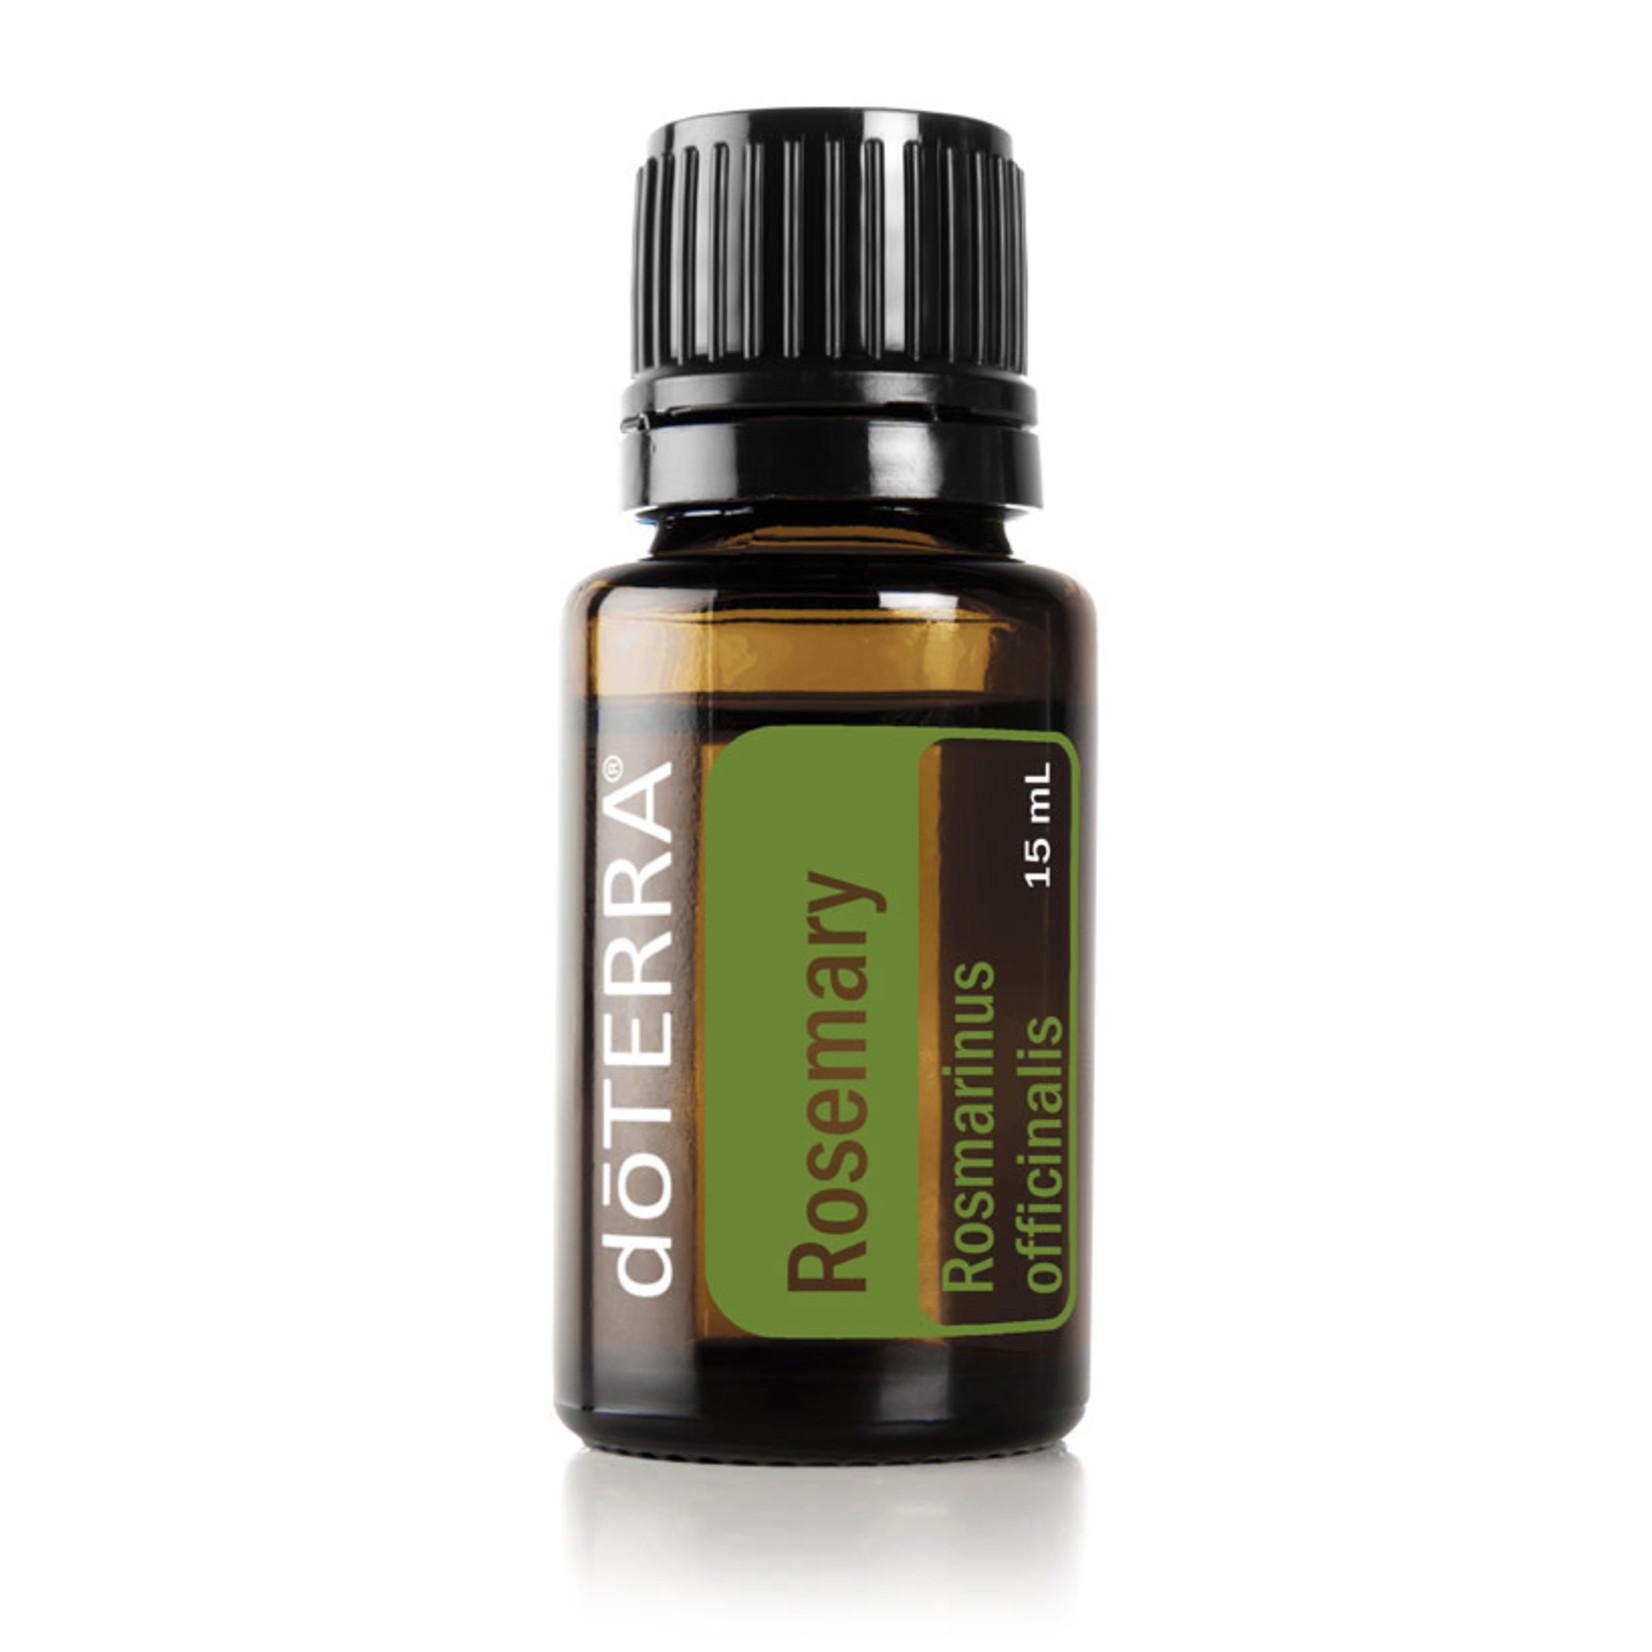 doTERRA doTERRA Essential Oil Rosemary 15ml